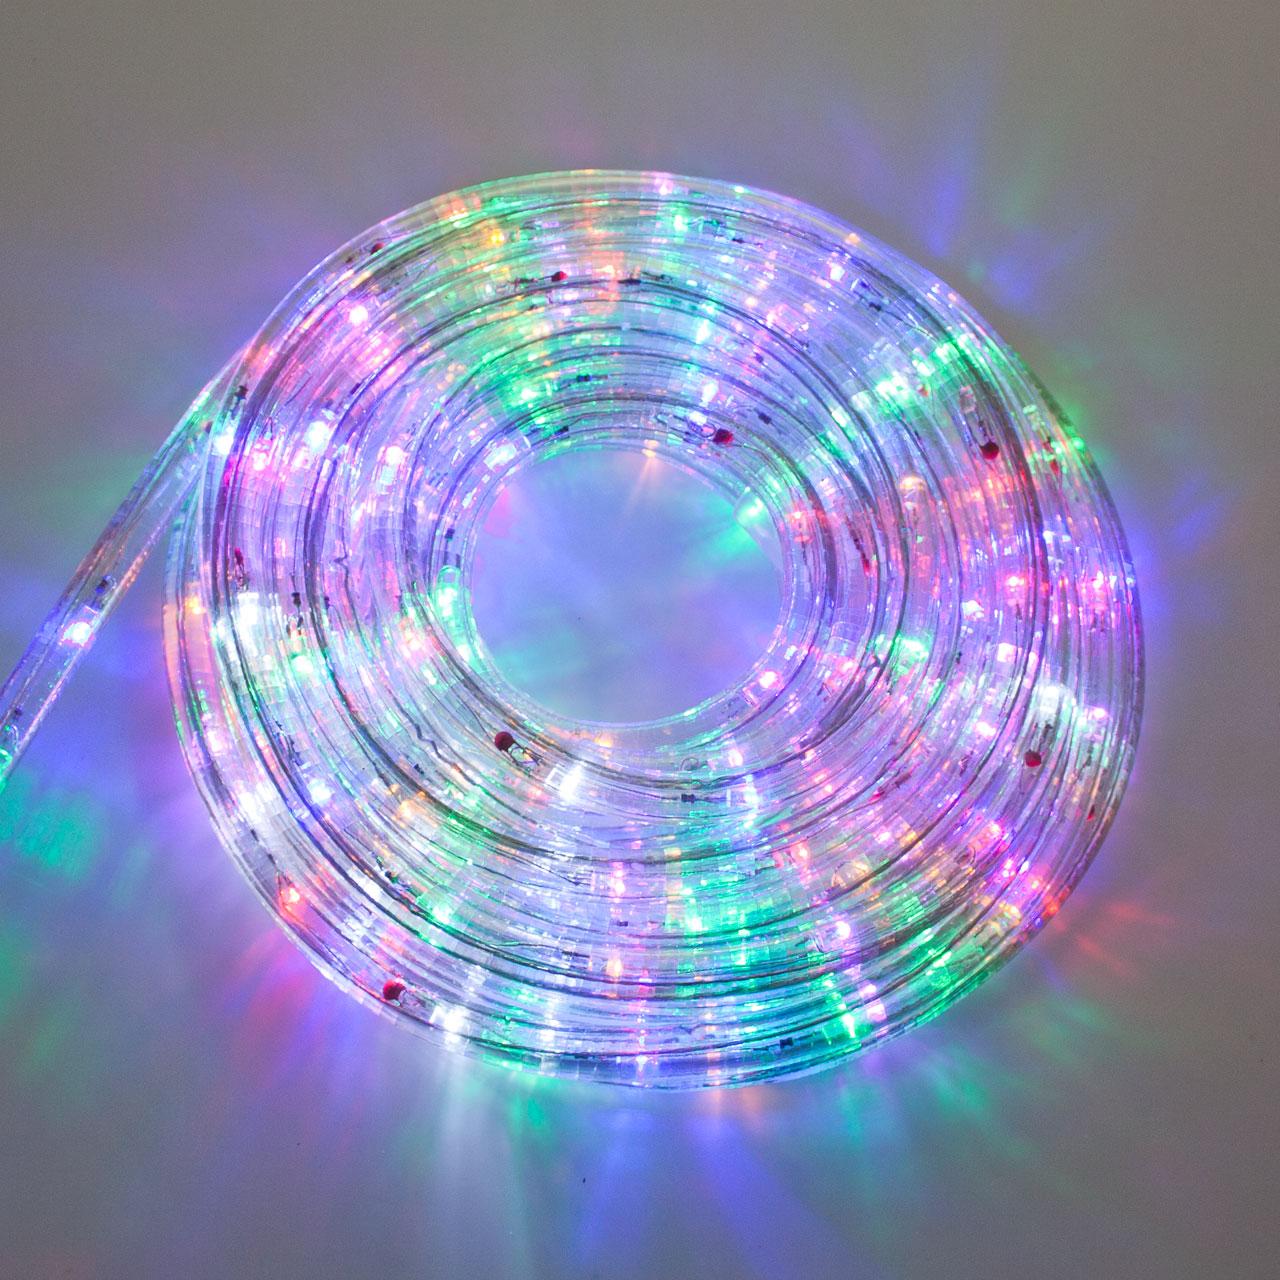 Tube Lumineux Led Colorspike Kit Tube Lumineux Led Pour Photovido